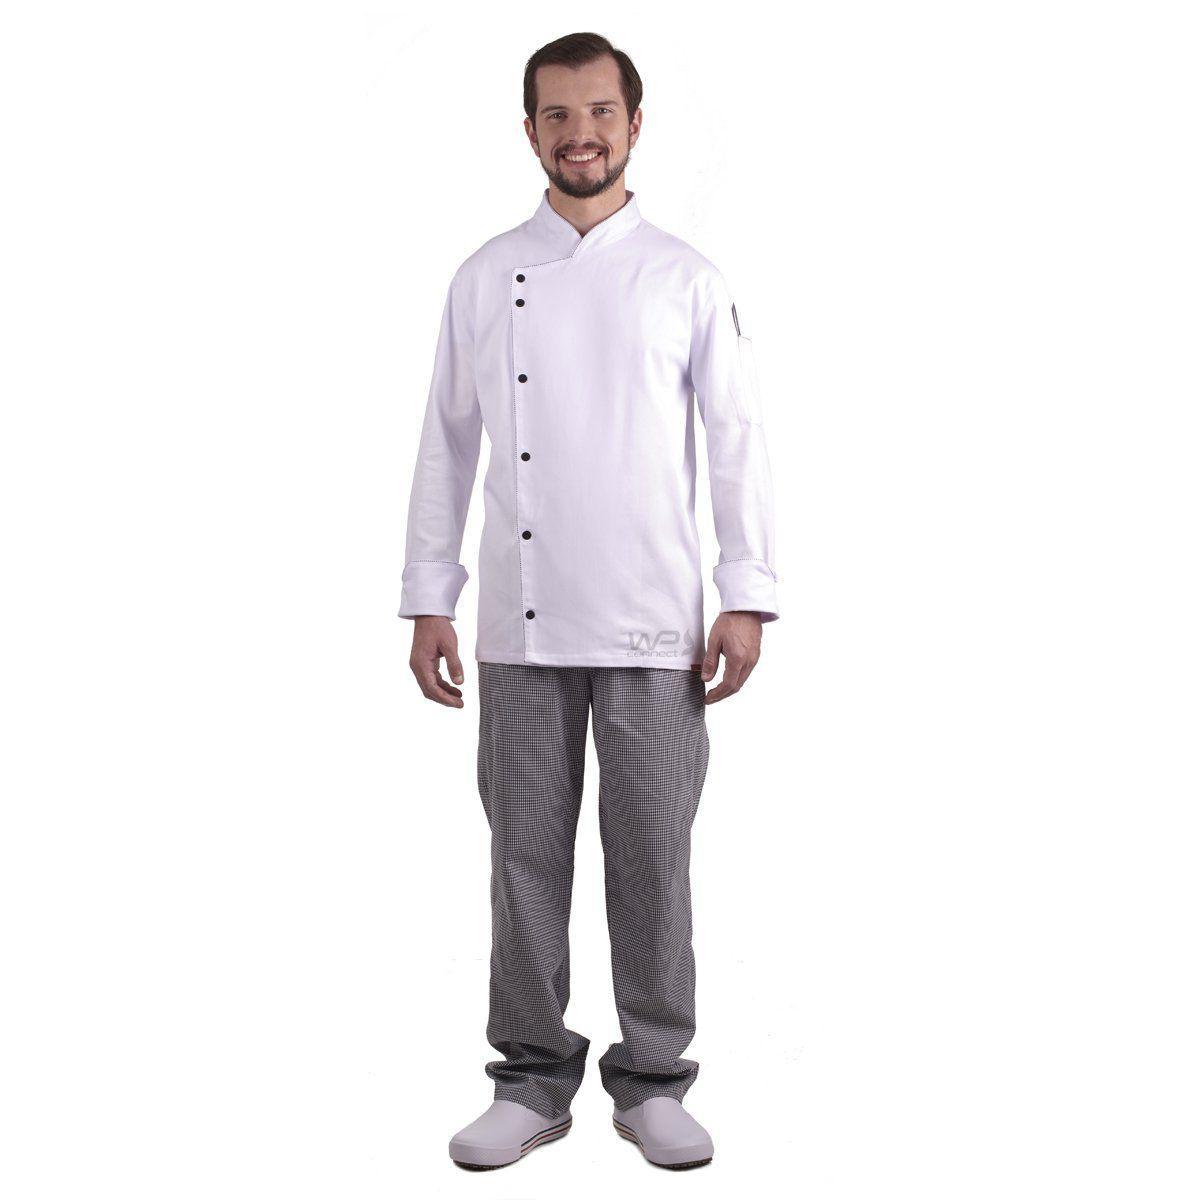 Calça Xadrez Chef de Cozinha Gastronomia Profissional